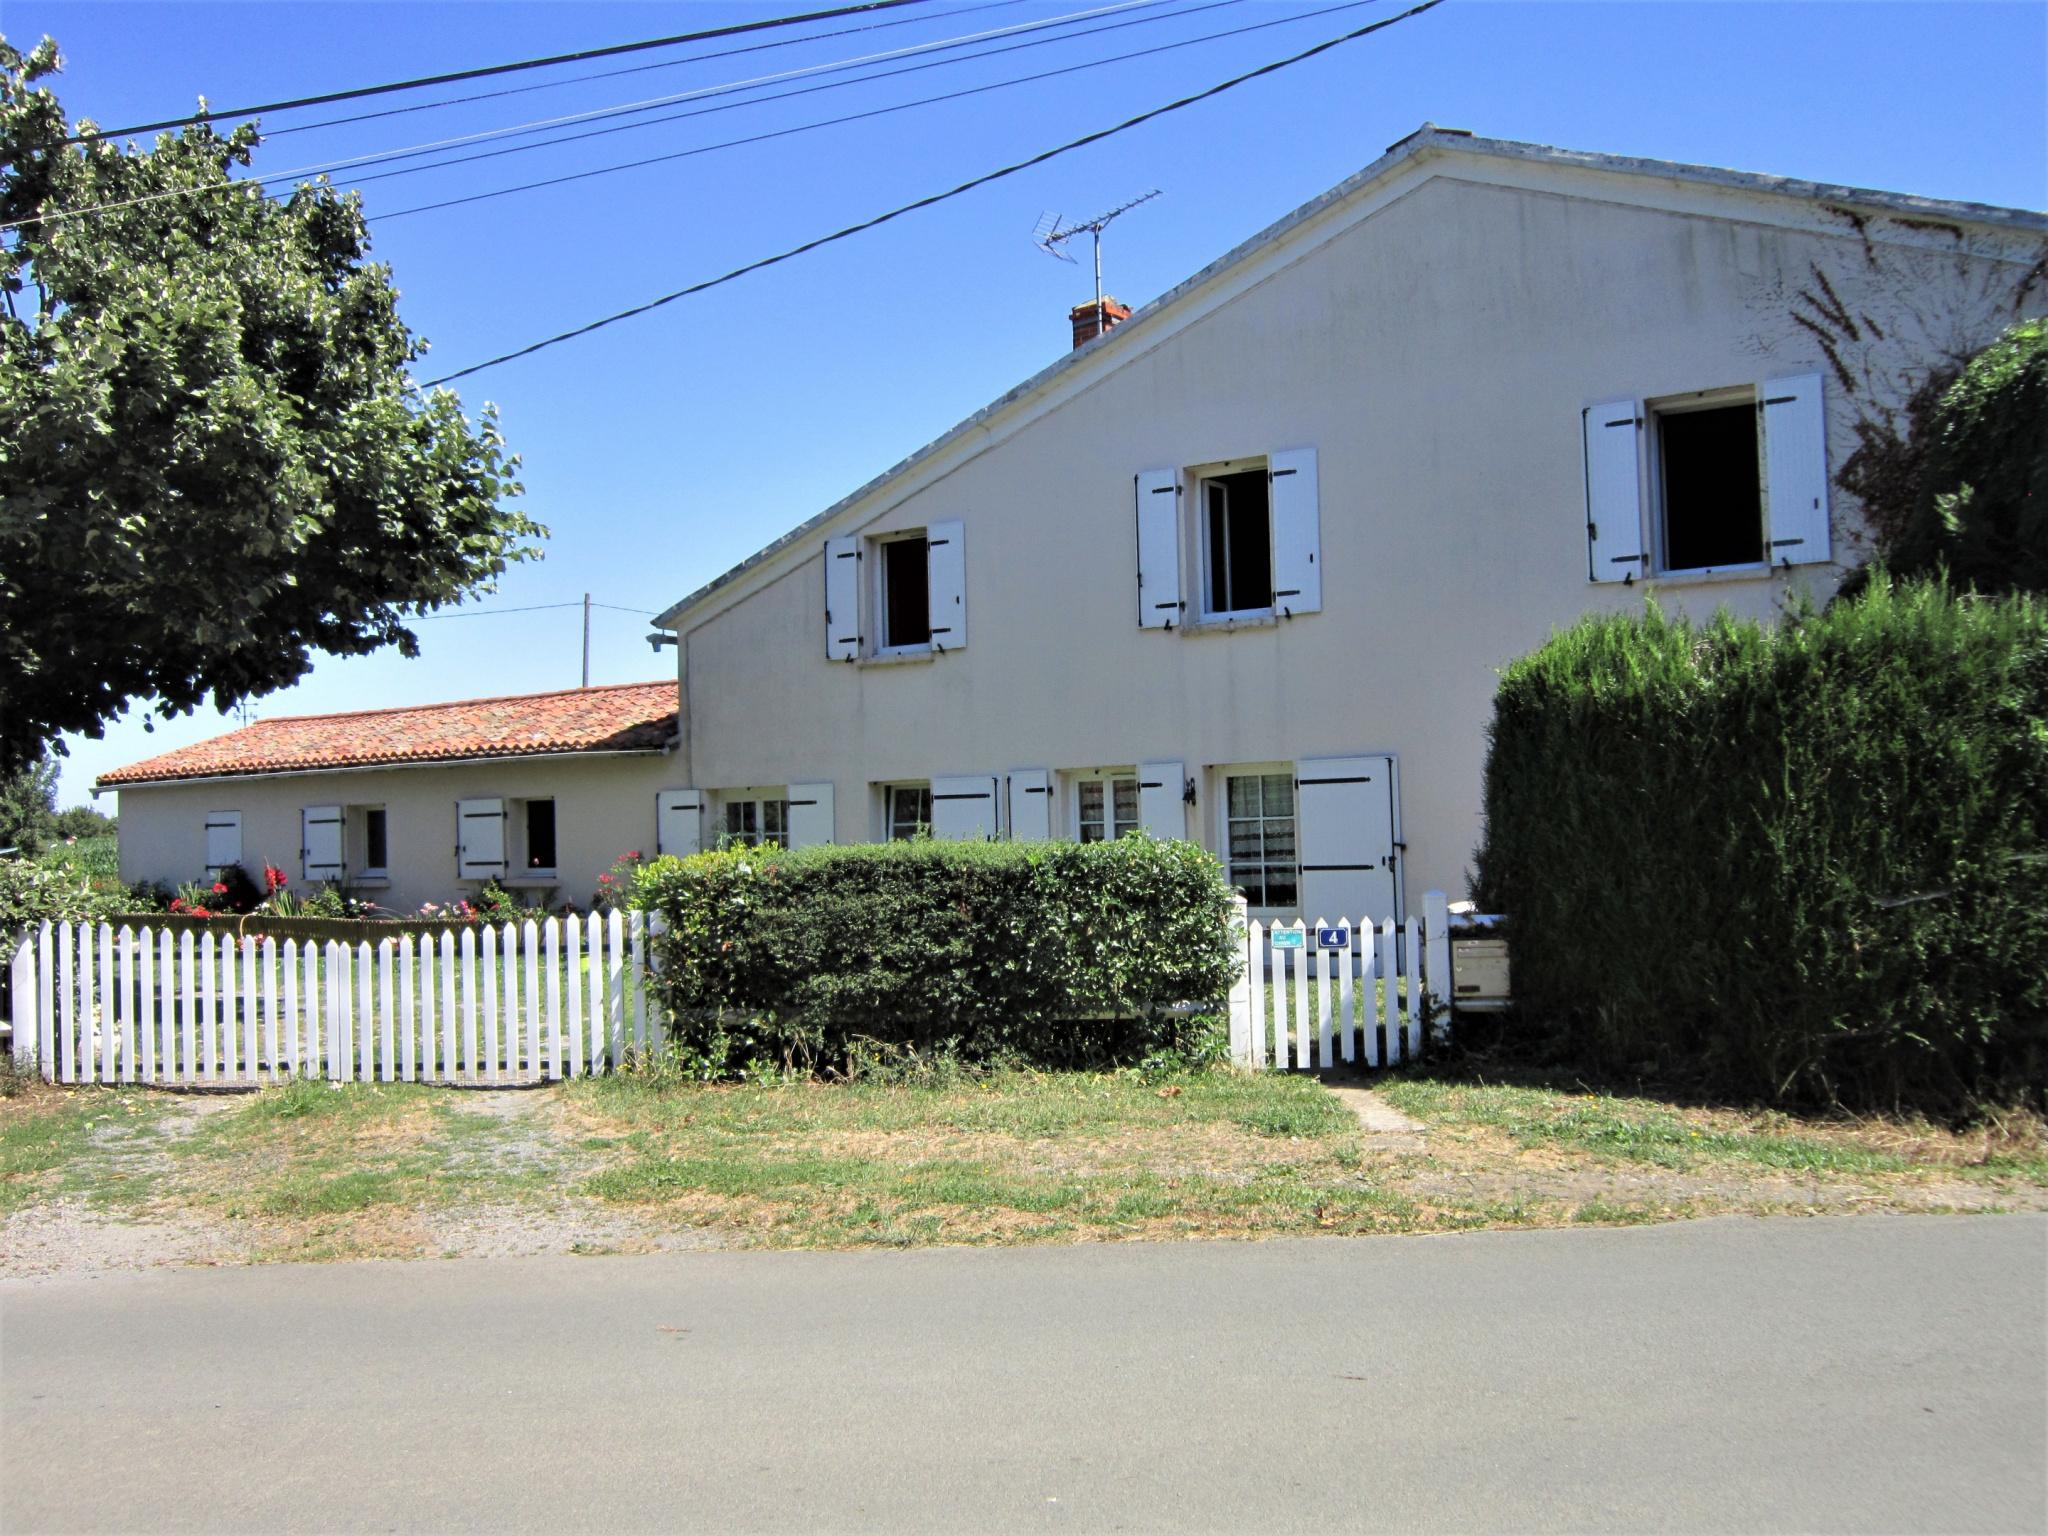 maison villa vente france m tres carr s 194 dans le domaine de 79 deux sevres le beugnon ref vah1202